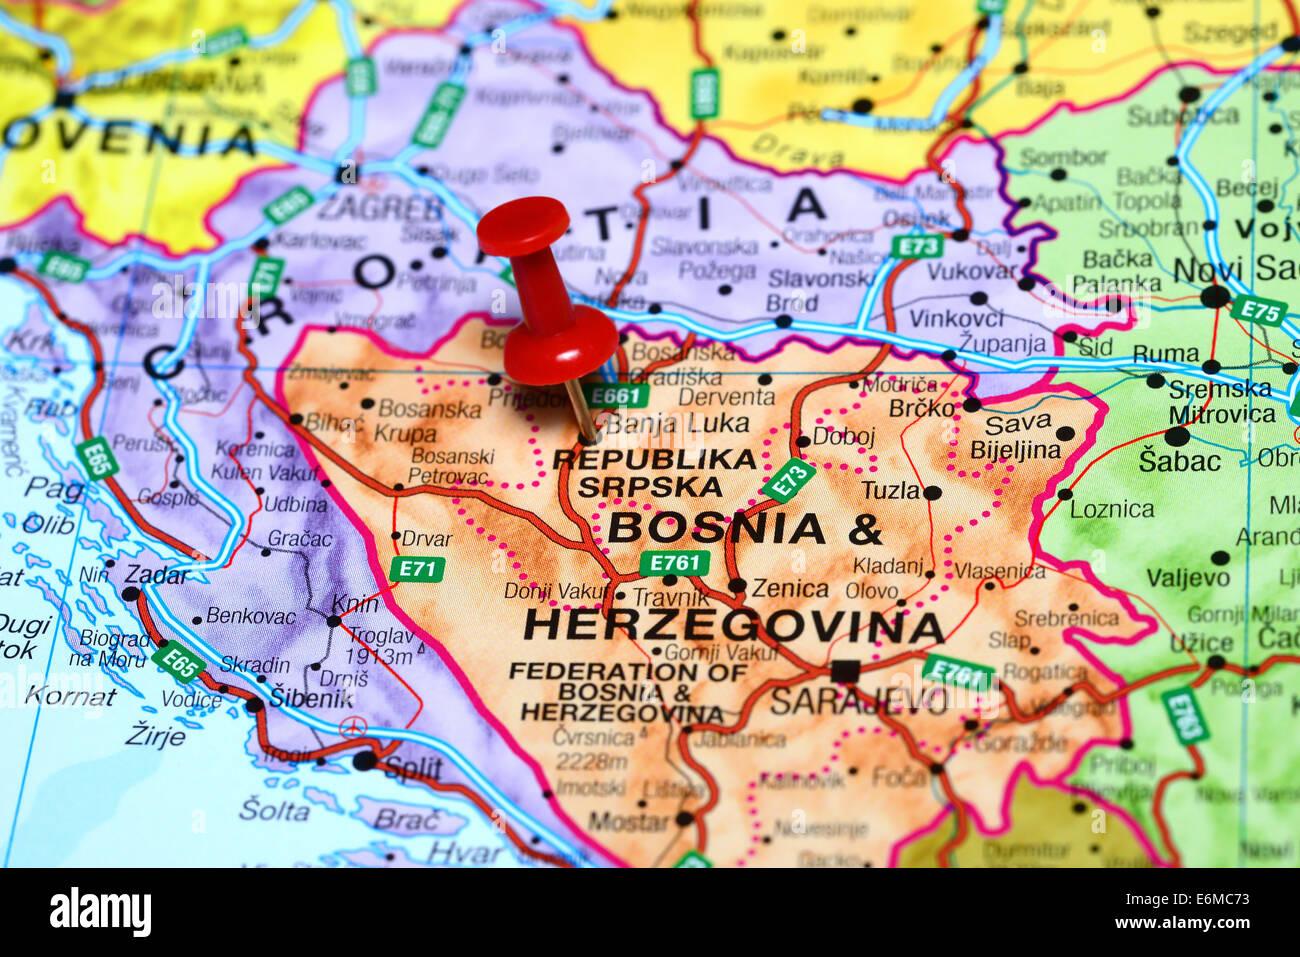 Banja Luka Pinned On A Map Of Europe Stock Photo 72978055 Alamy